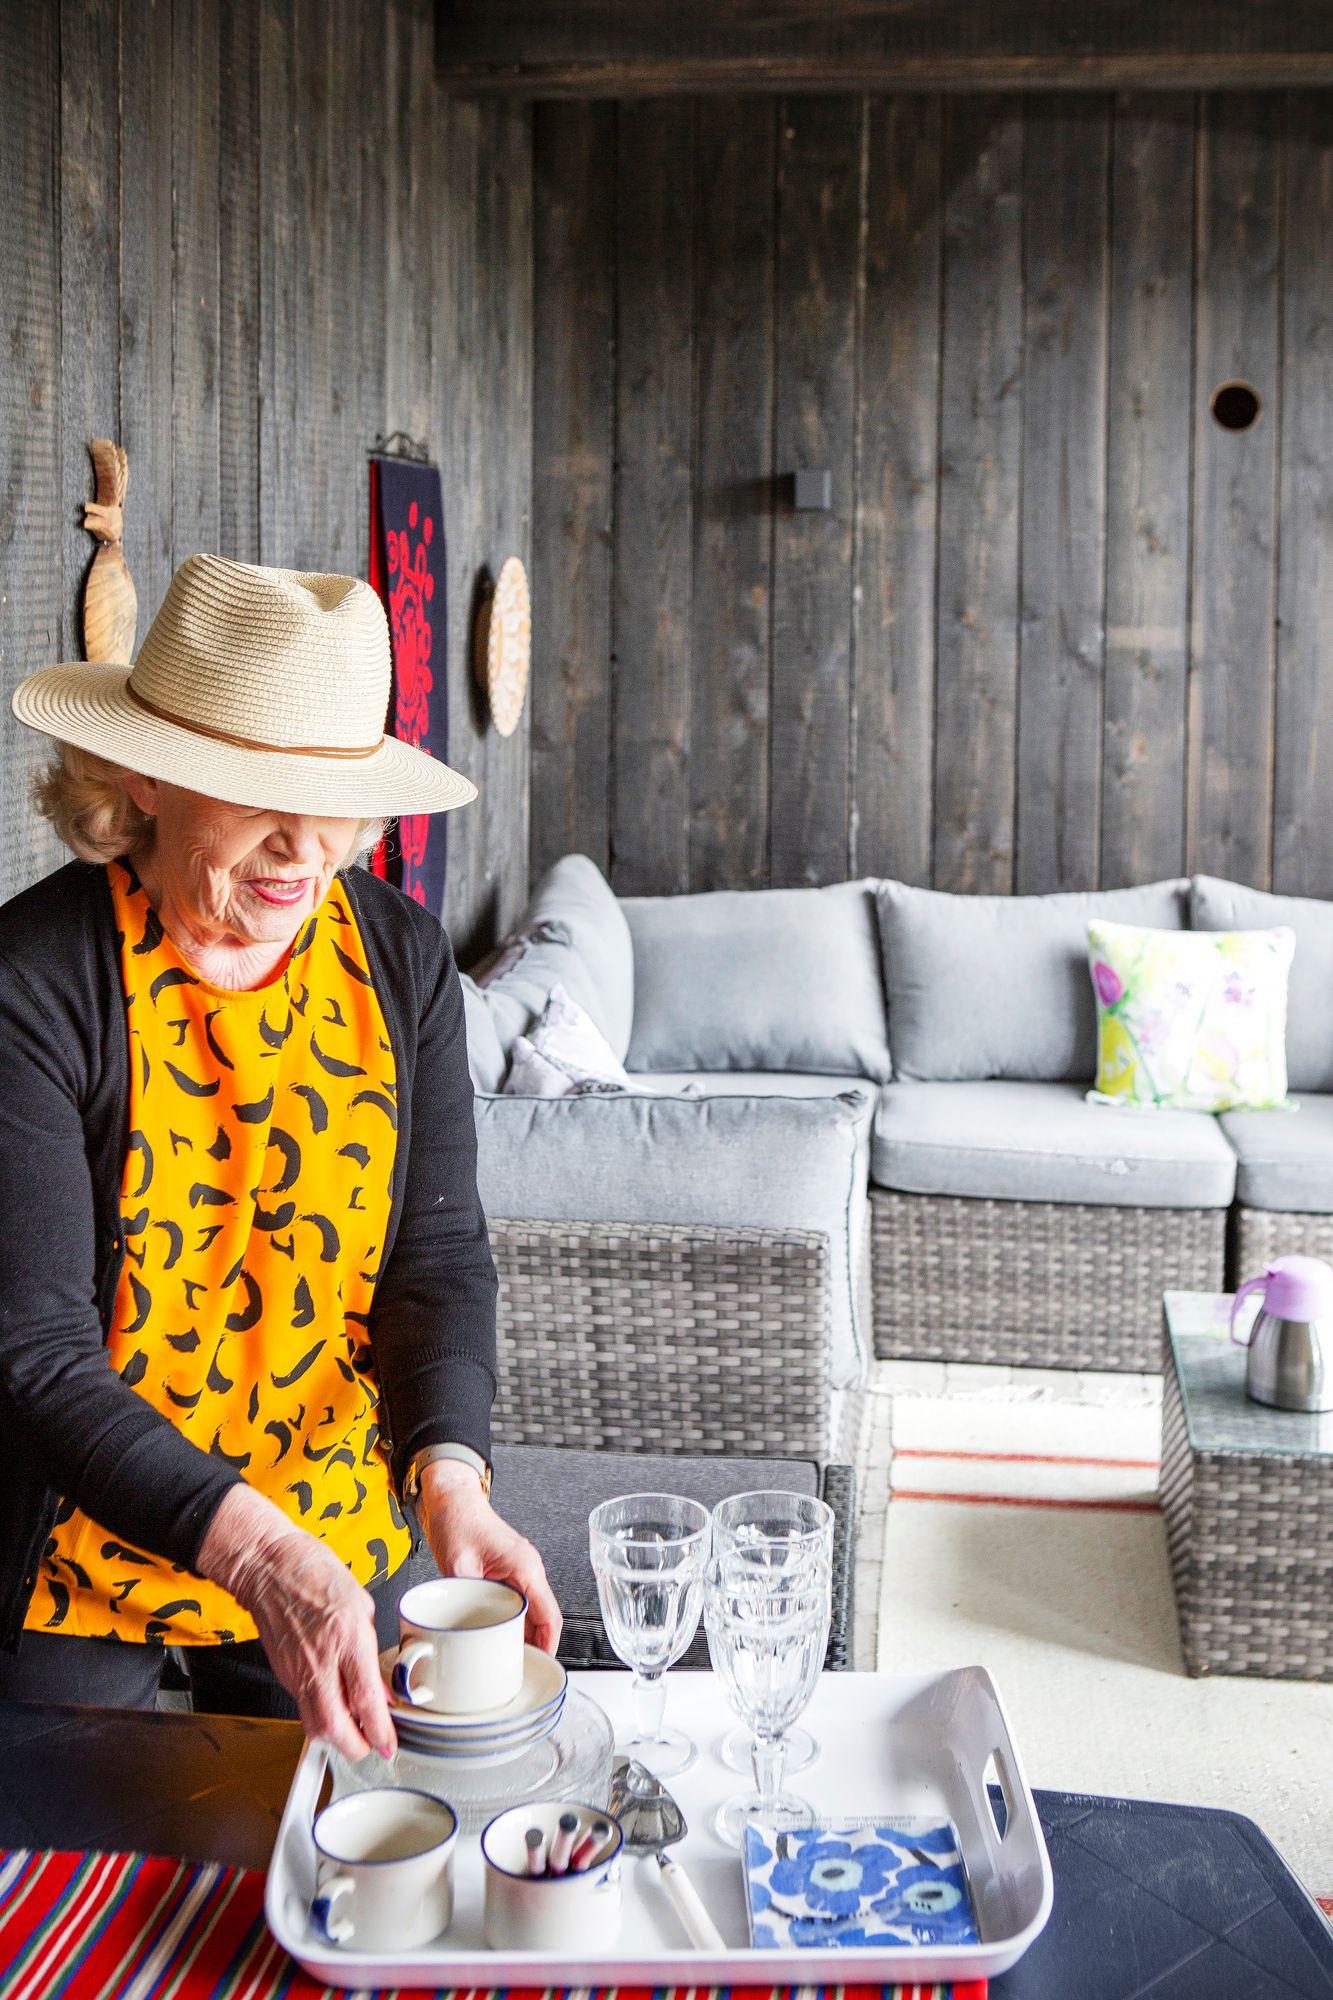 Pirjo pitää ihmisten kestitsemisestä. Erityisen hauskaa hänestä on saada lounasseuraa, jonka kanssa voi puhua kaikesta mahdollisesta, talousasioista sotahistoriaan. © Tiiu Kaitalo